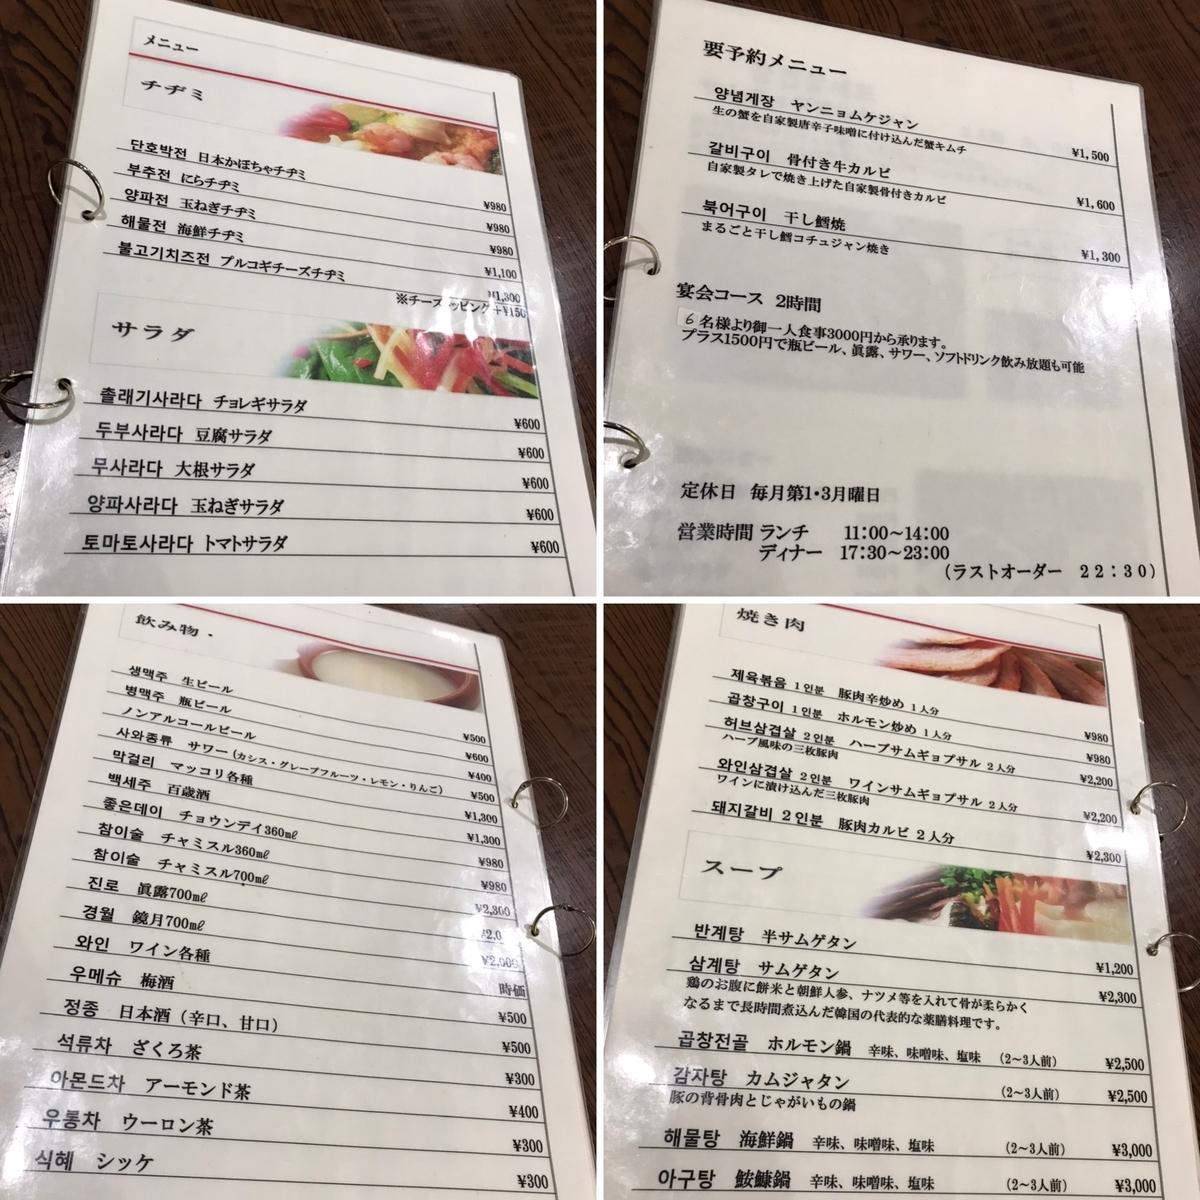 むつ市、韓国居酒屋ハンのメニュー